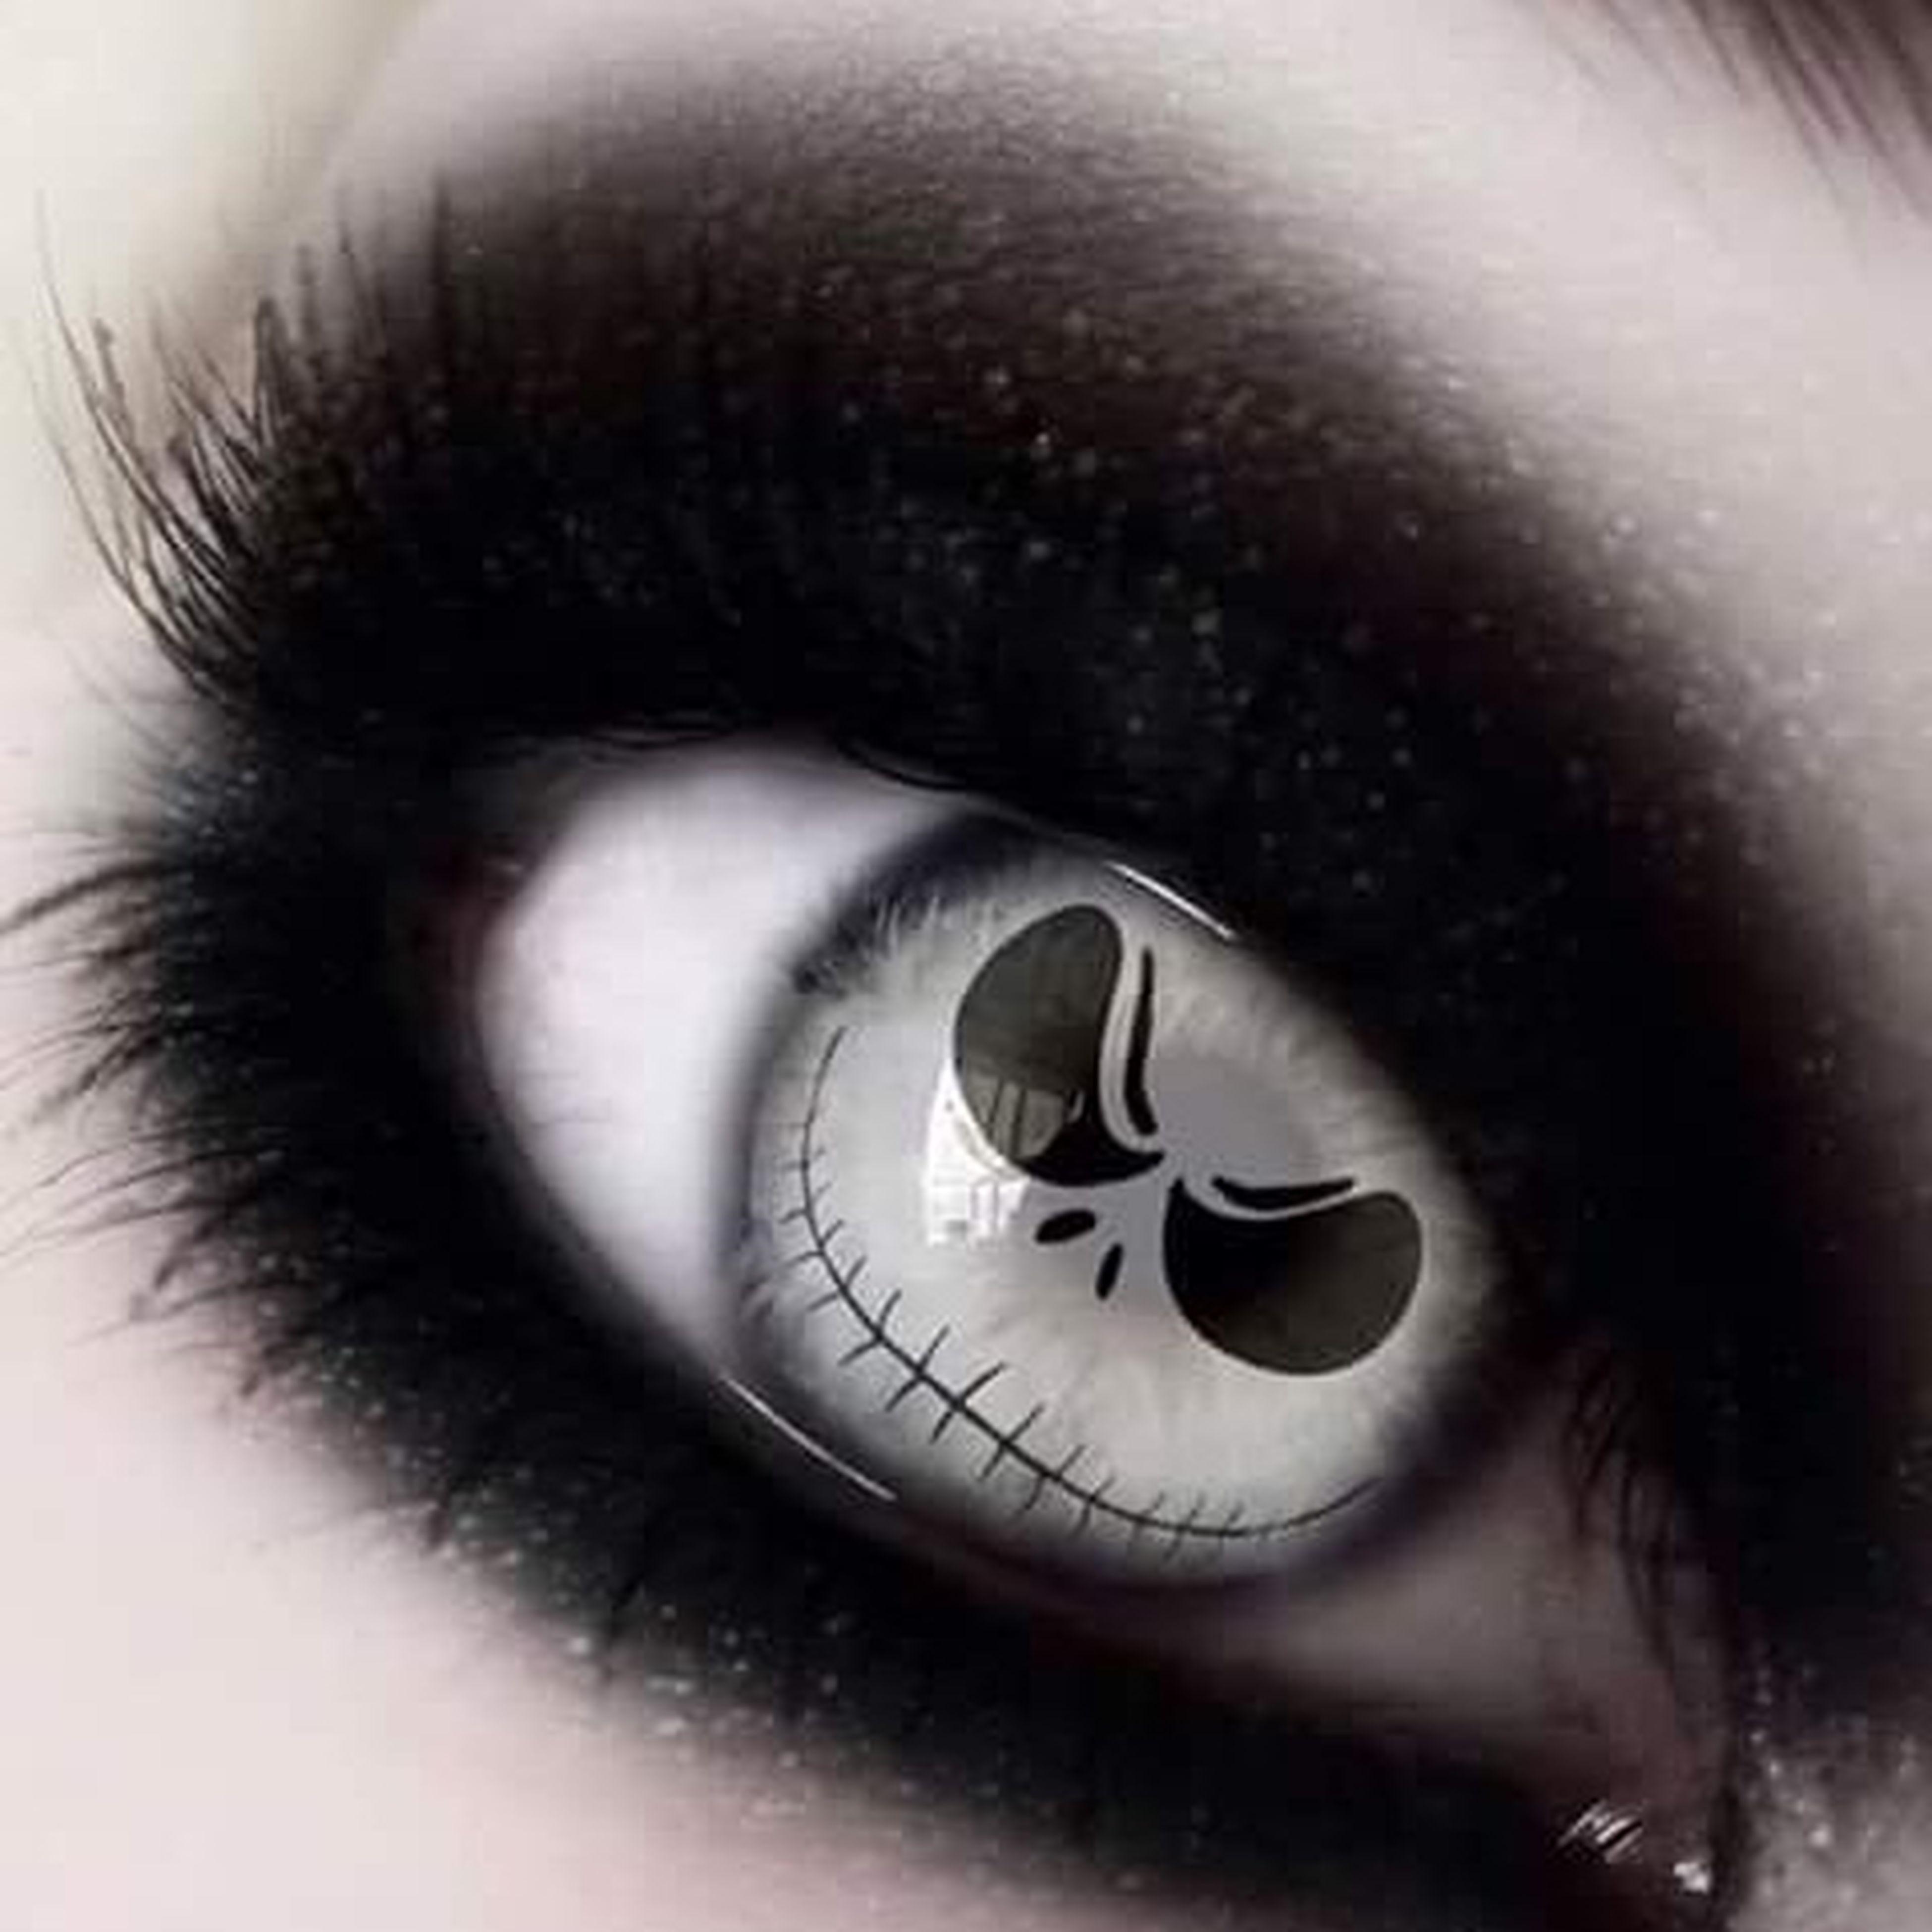 close-up, indoors, front view, eyelash, eyesight, extreme close-up, human eye, full frame, eyeball, focus on foreground, extreme close up